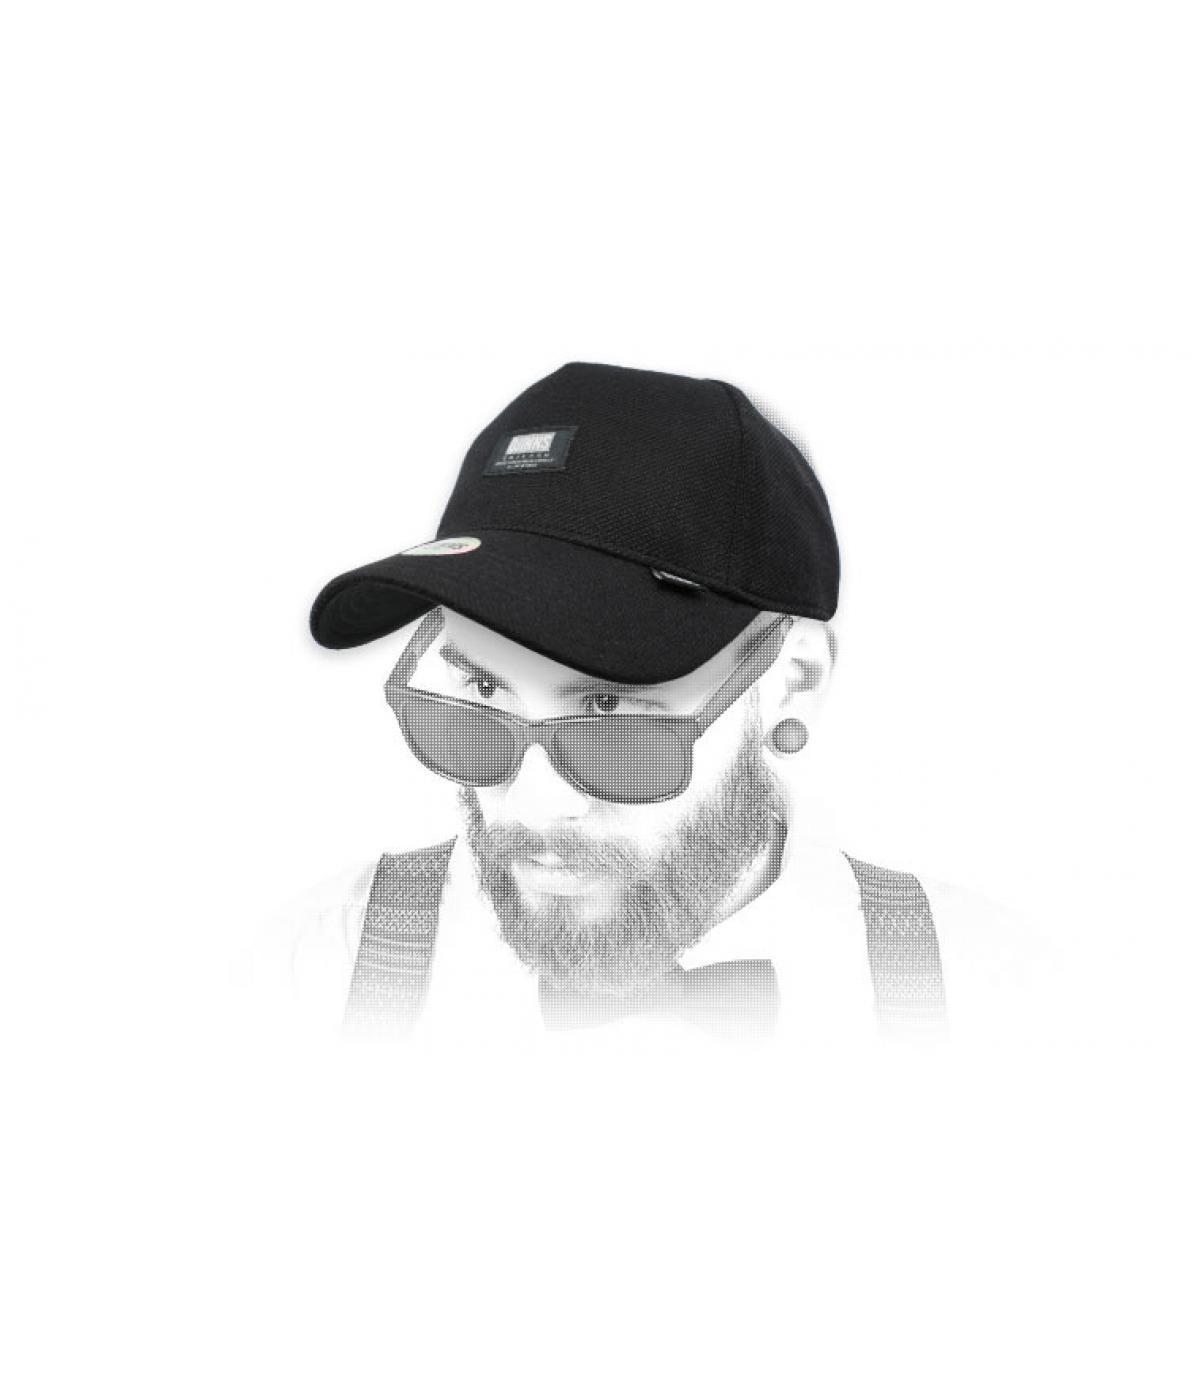 zwarte Djinns cap